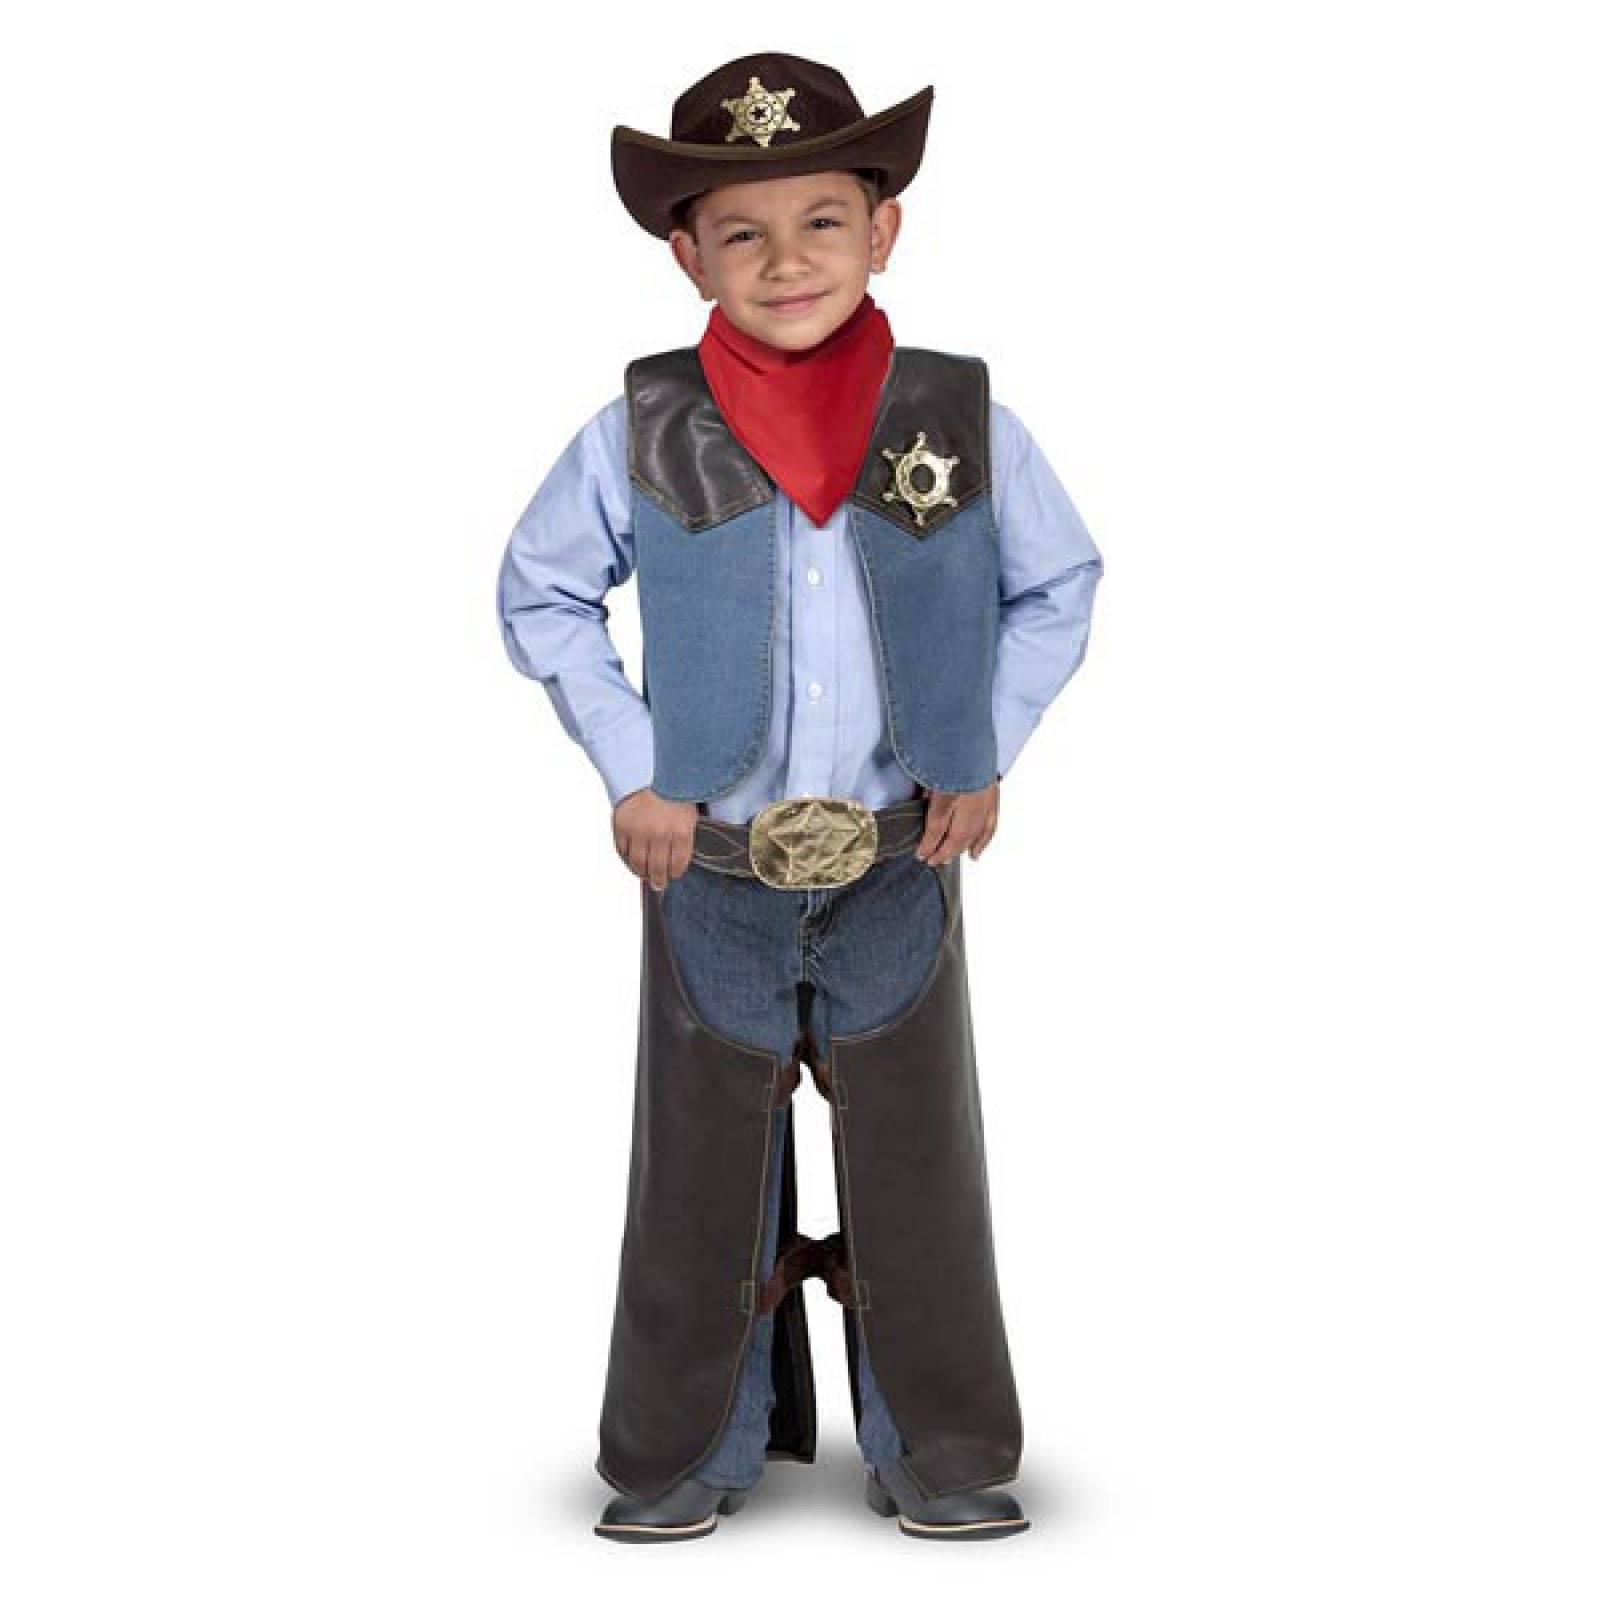 Fancy Dress Role Play Costume Set - Cowboy thumbnails